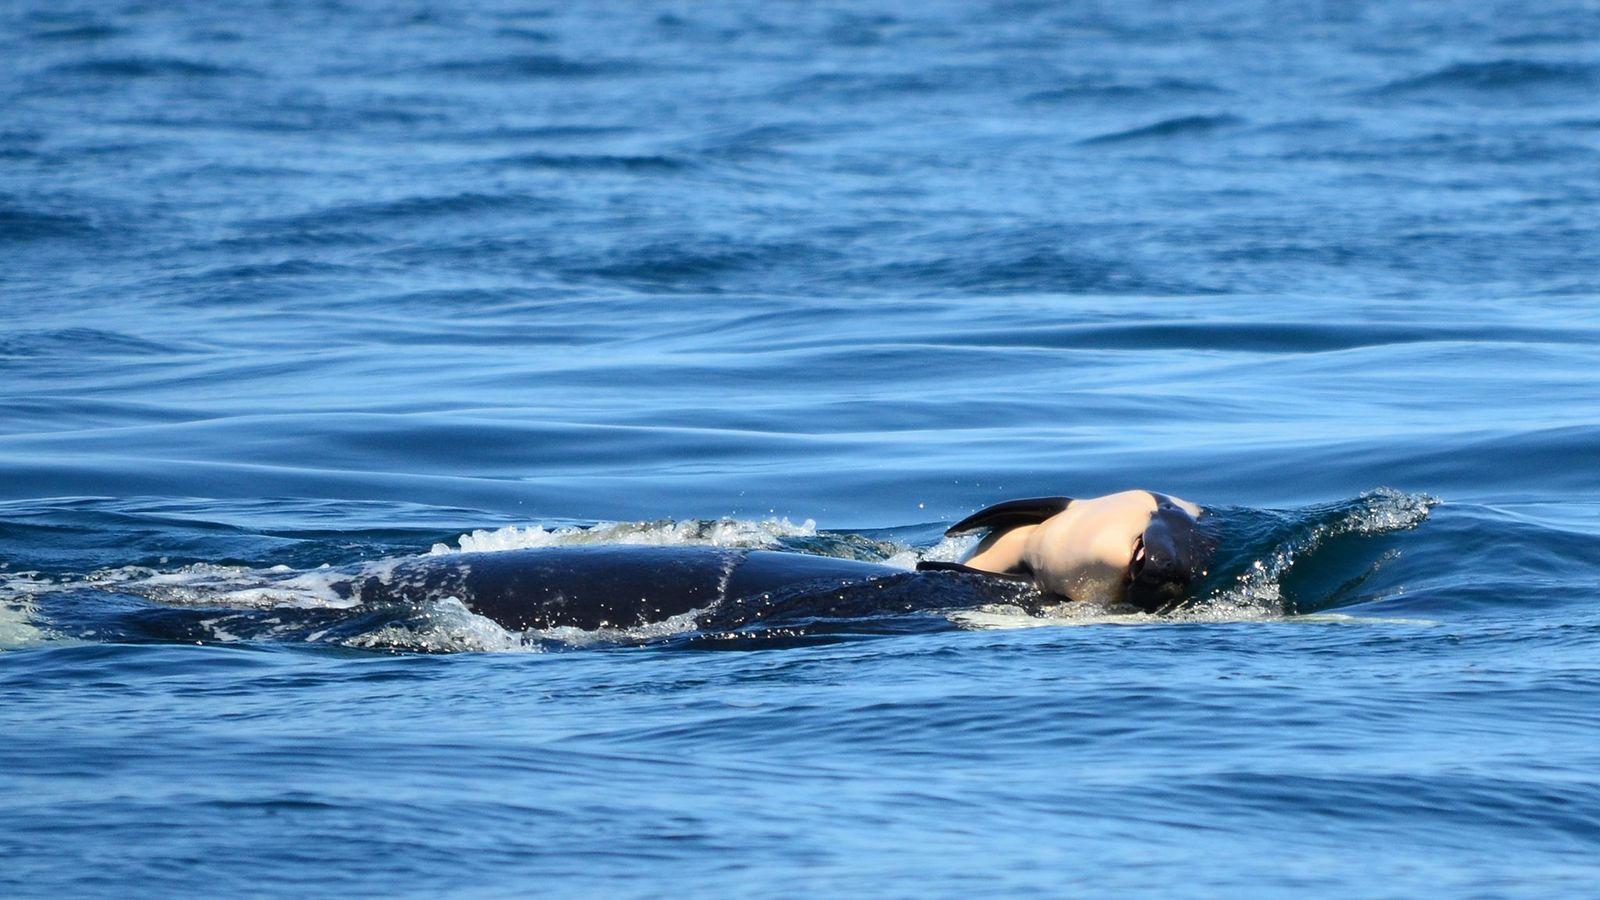 Ein Orca namens J35 im Pazifischen Nordwesten trägt sein totes Kalb an der Oberfläche. Experten zufolge ...